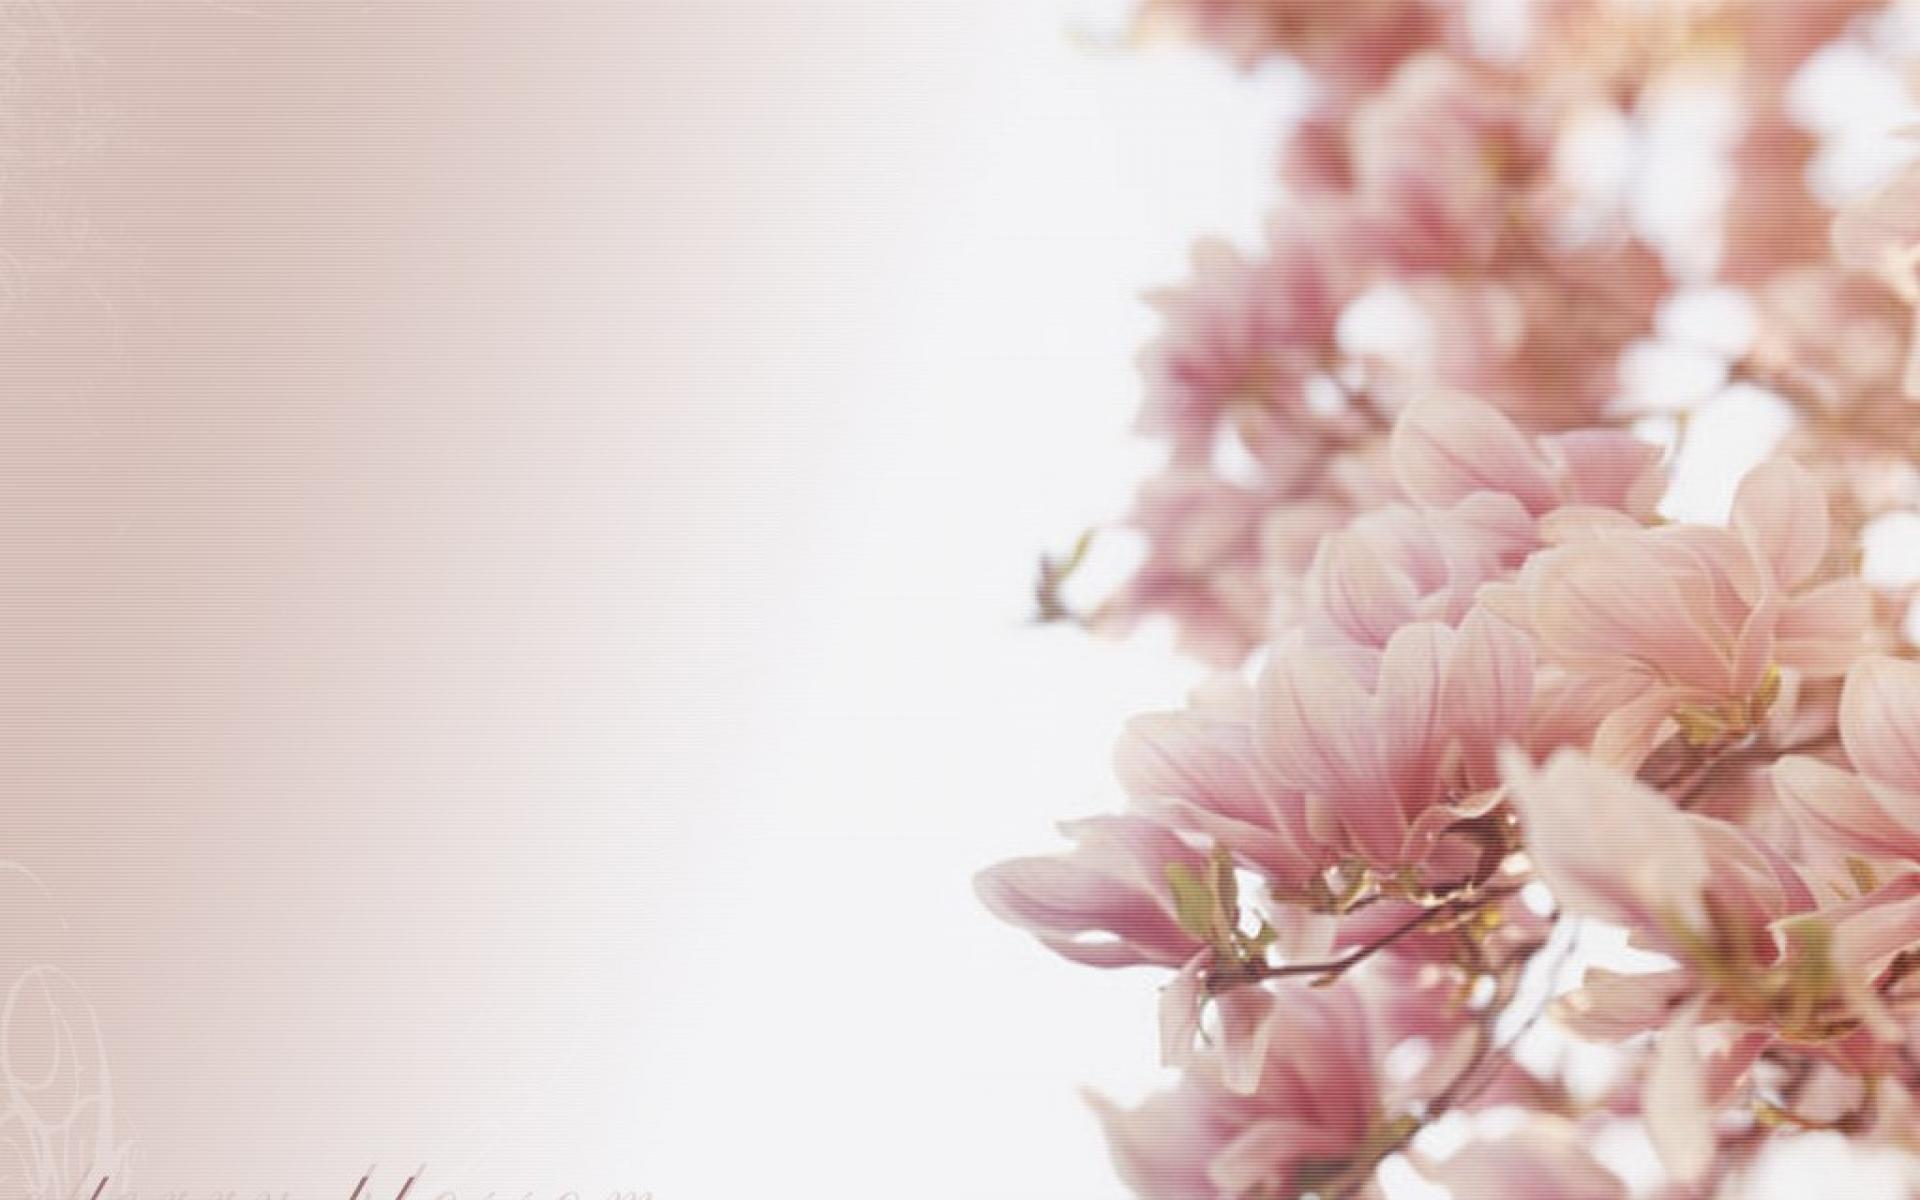 Wallpaper San Valentin 3d White Cherry Blossom Wallpapers Pixelstalk Net